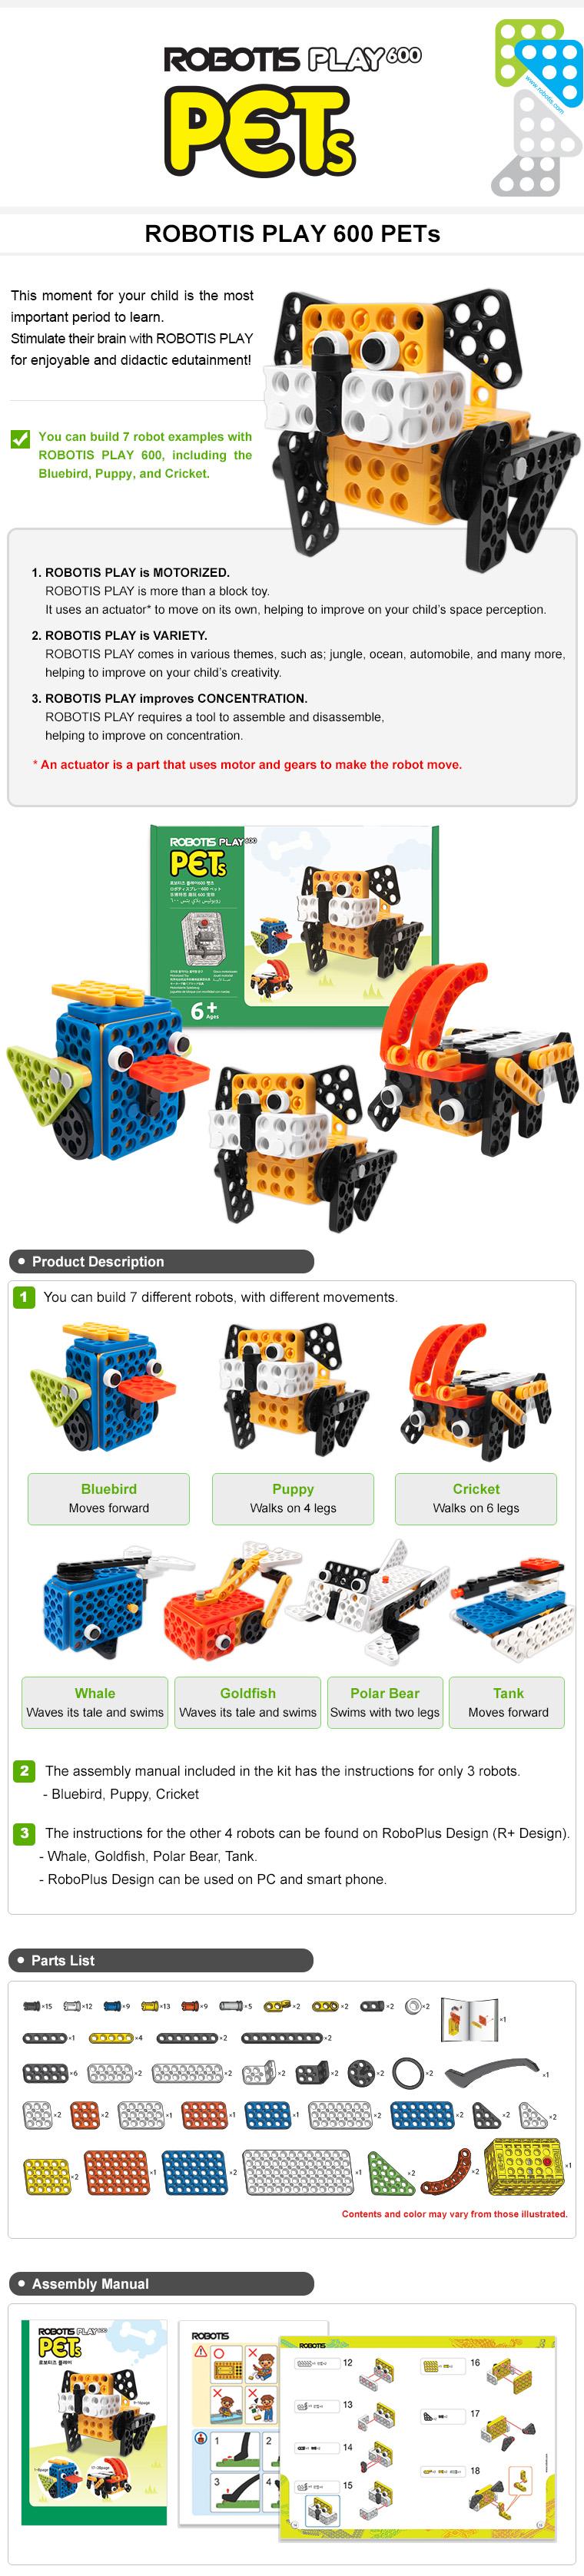 ROBOTIS PLAY600 PETs